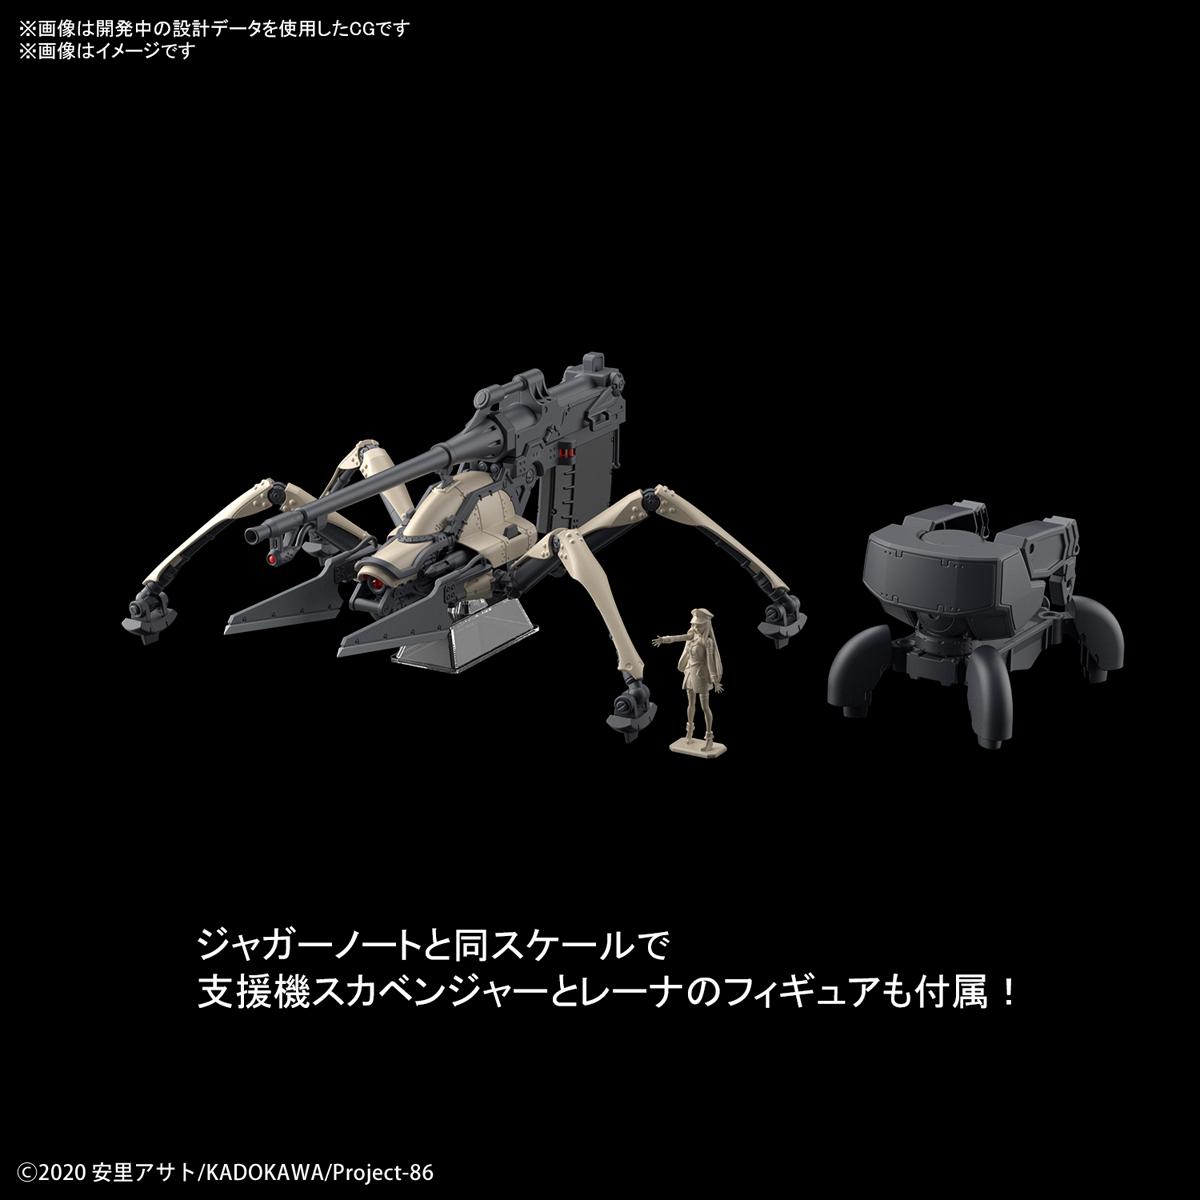 HG 1/48『ジャガーノート(シン搭乗機)』86-エイティシックス- プラモデル-003